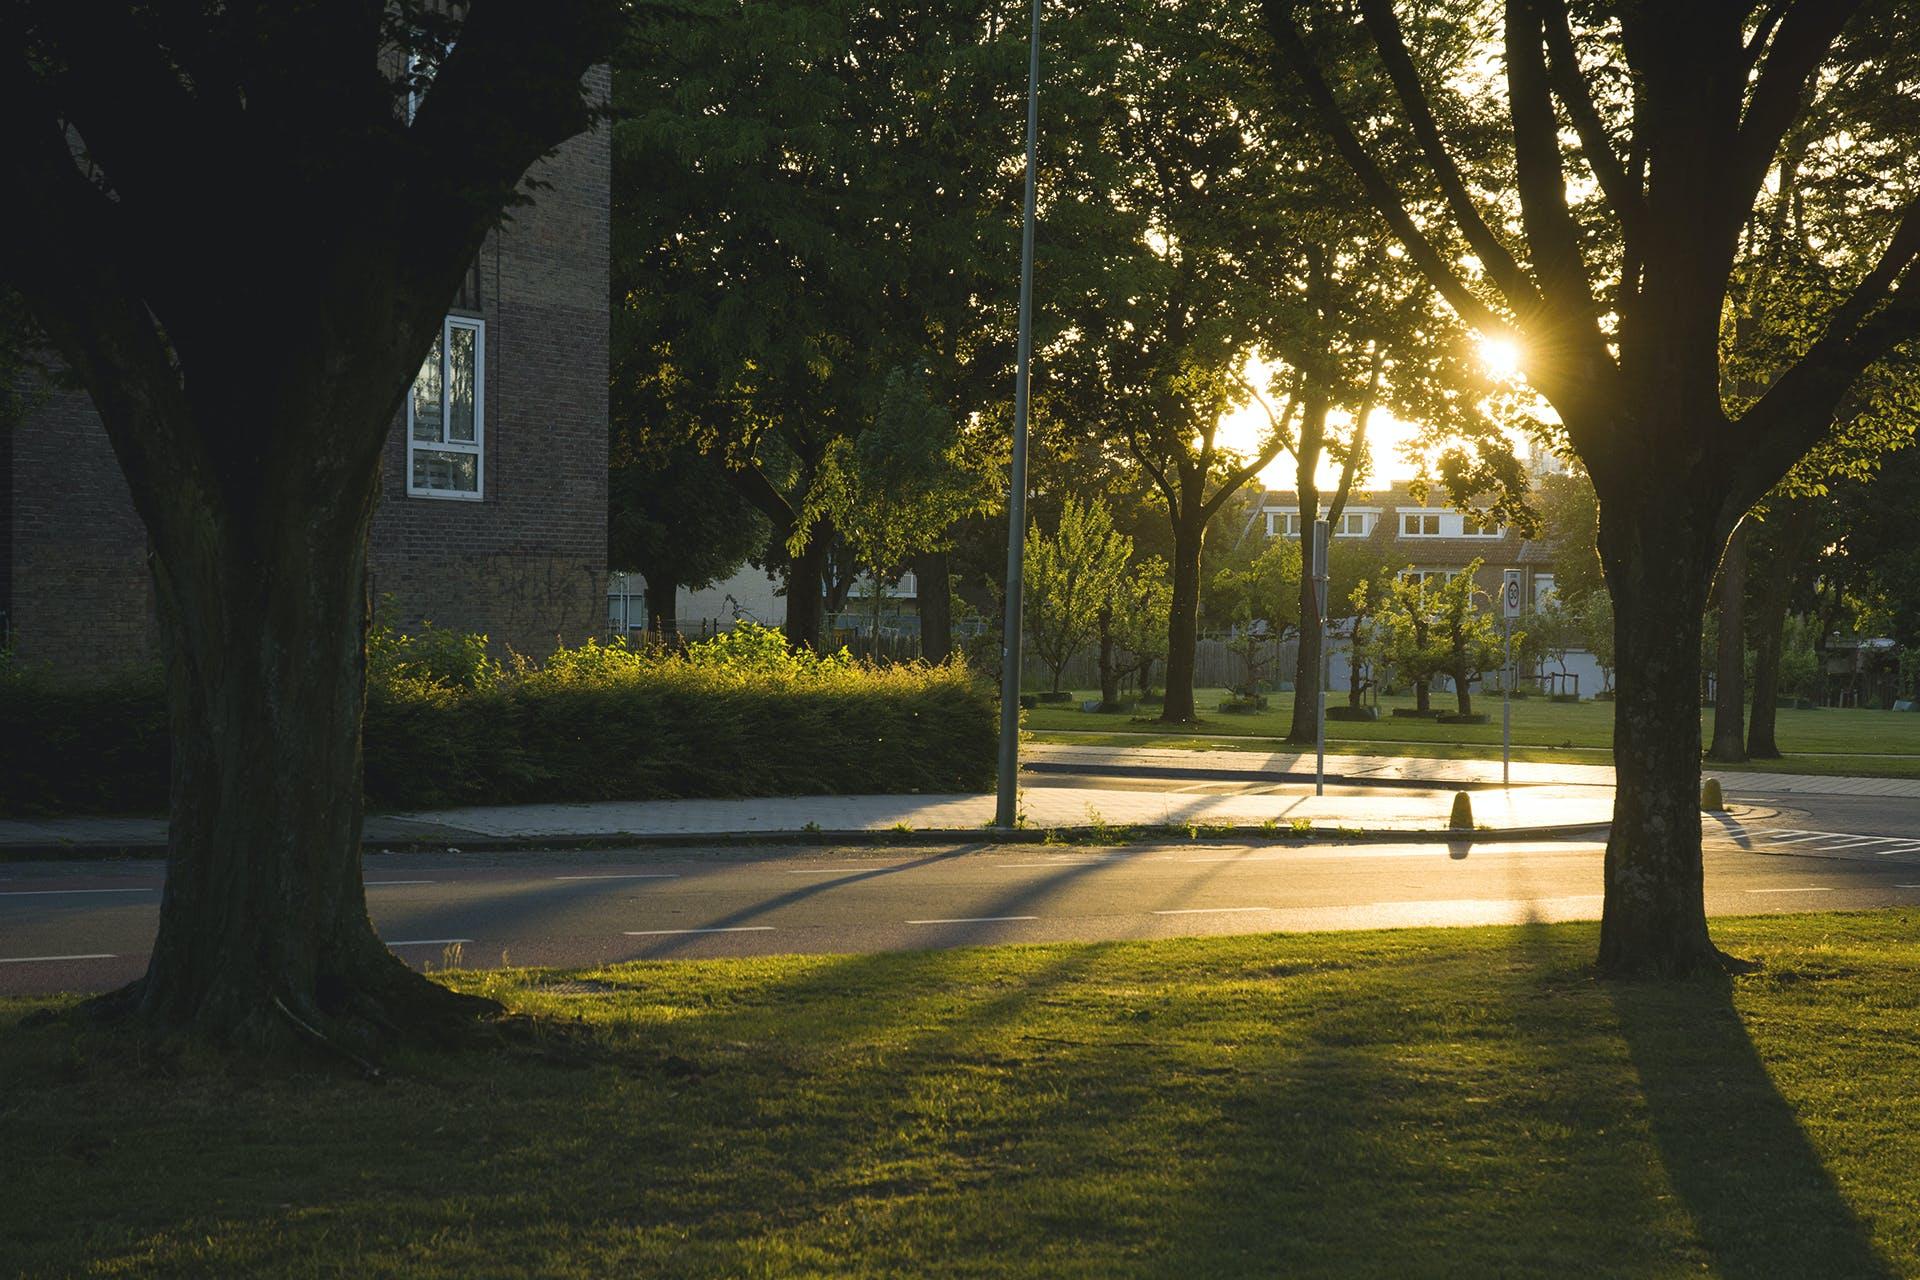 Kostenloses Stock Foto zu abendsonne, bäume, sonnenlicht, stadt